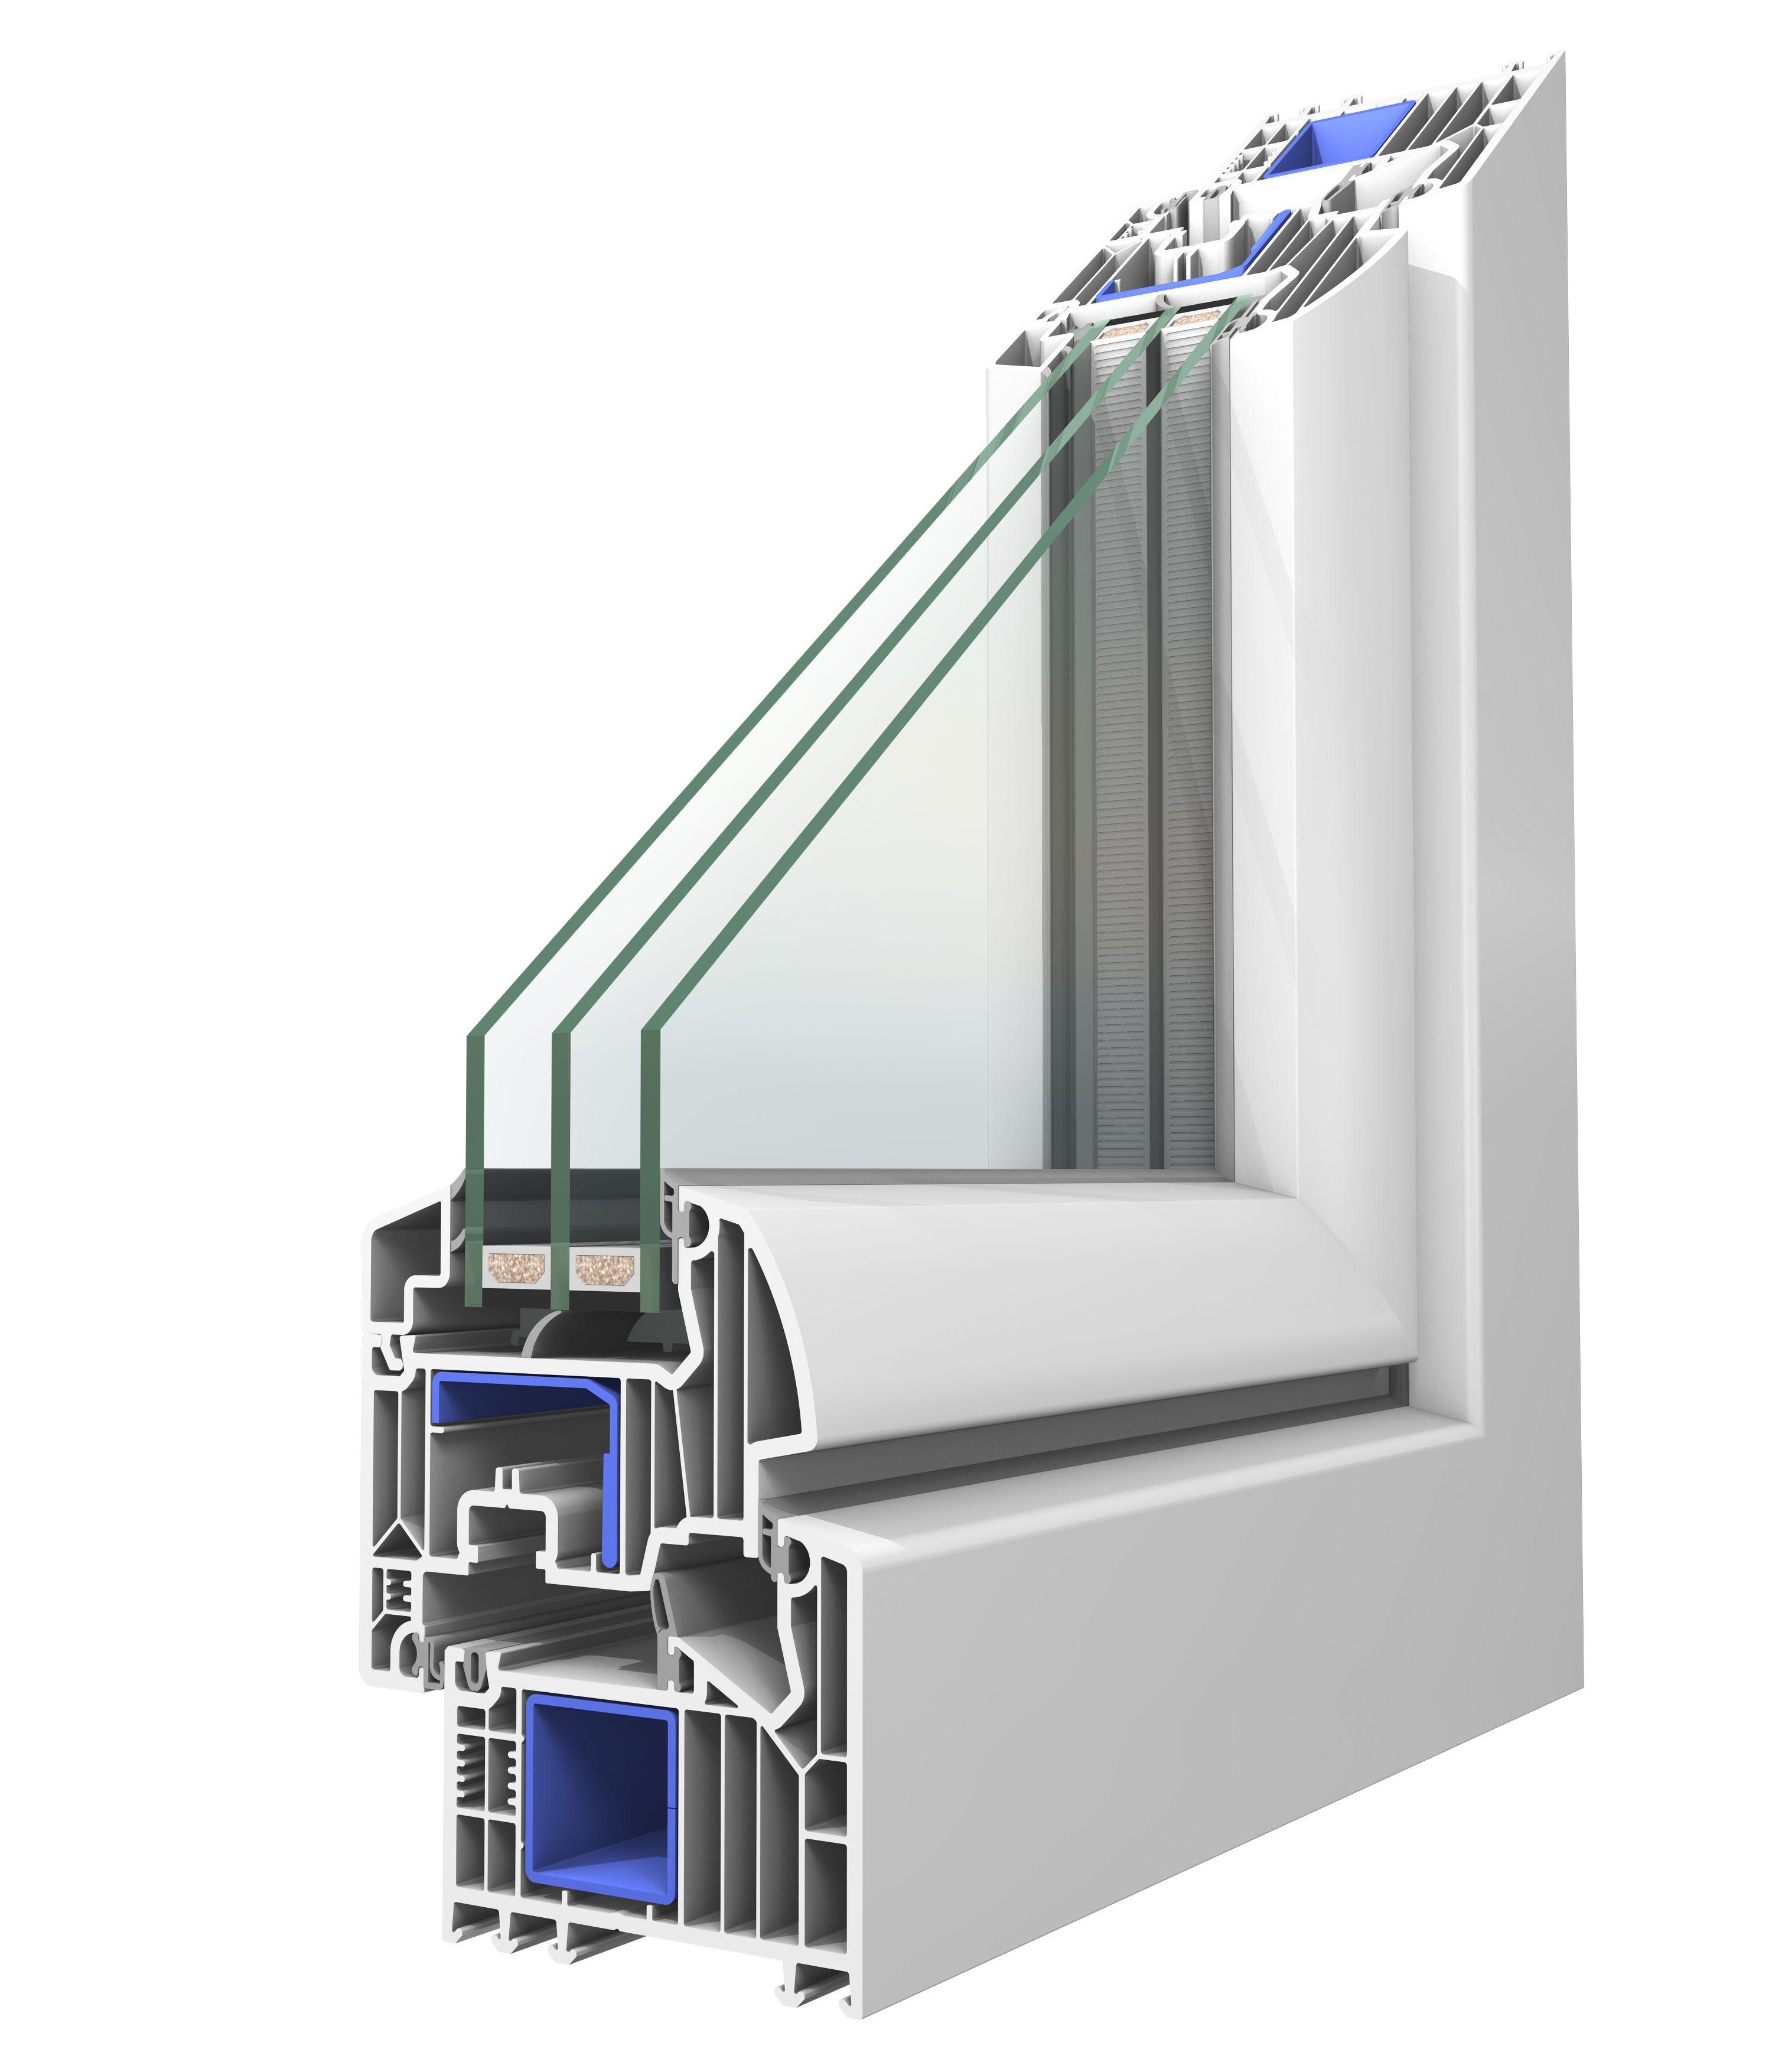 Bevorzugt Winergetic Premium Fenster basierend auf dem Veka Softline 82 LF23